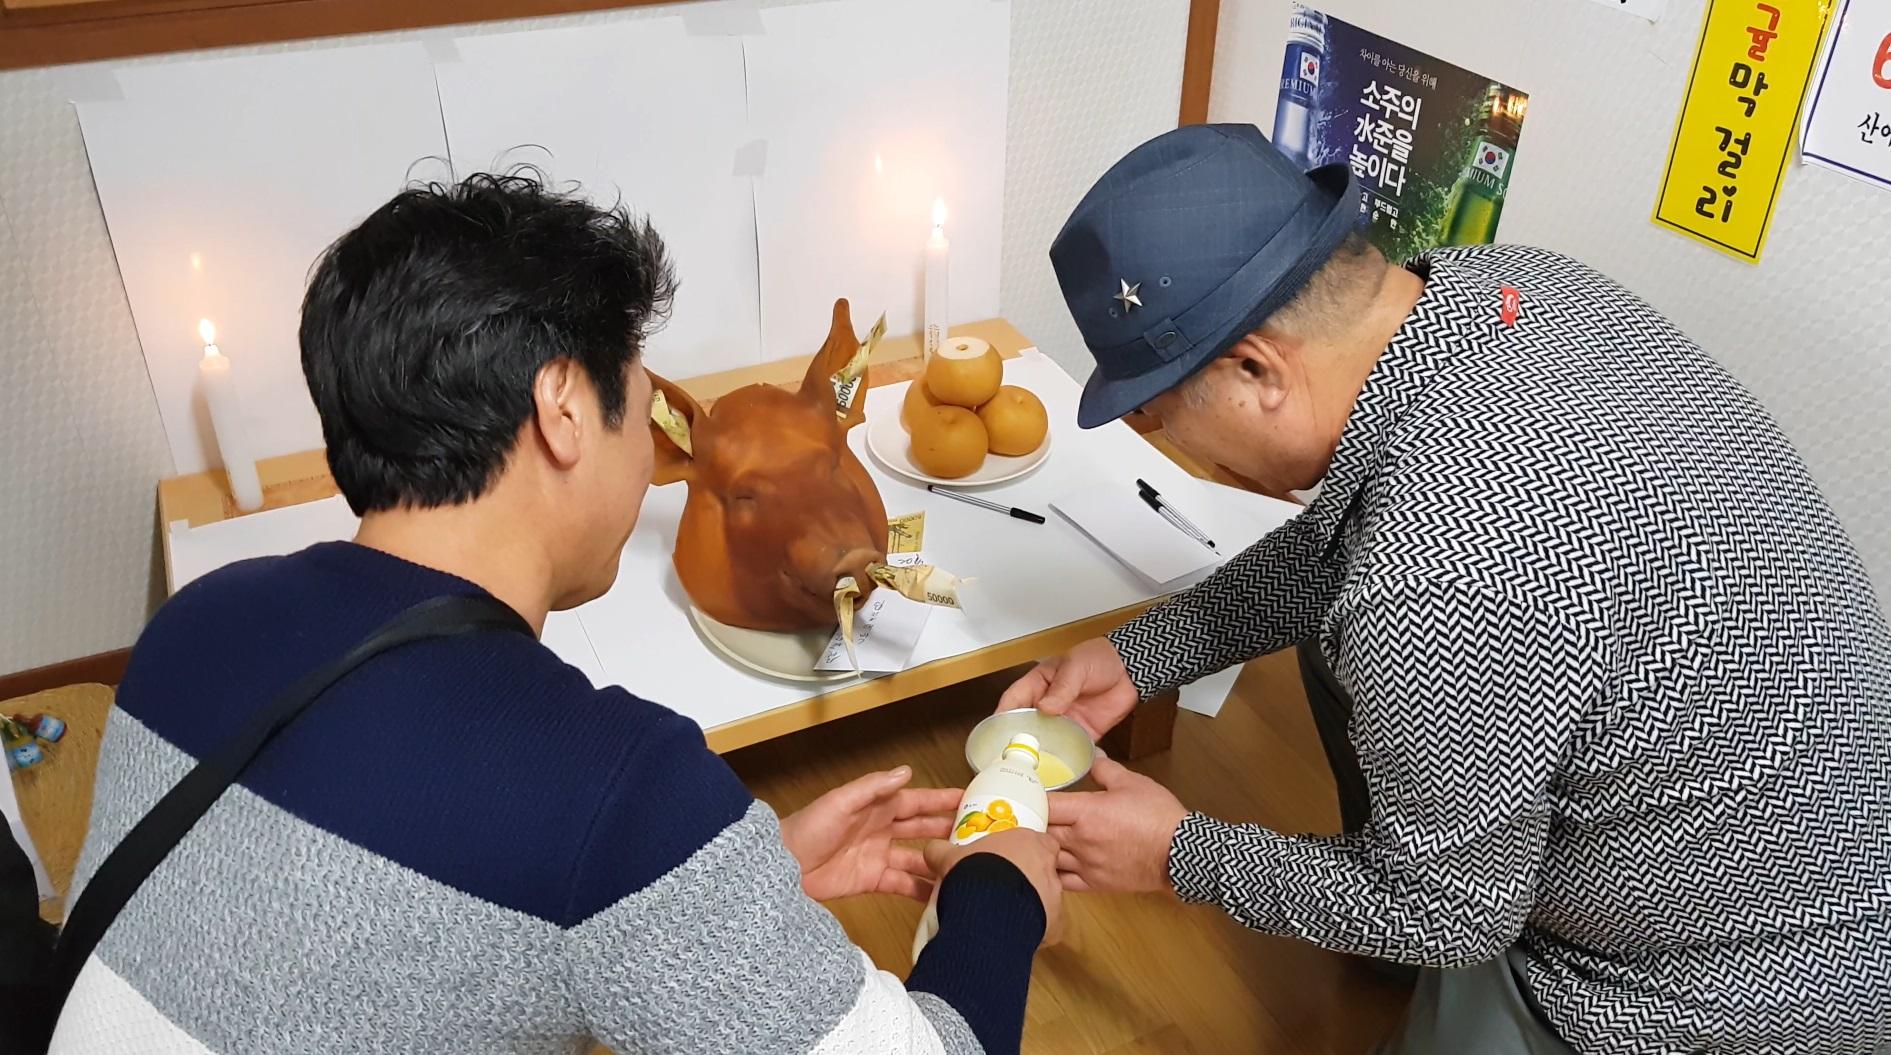 한국낚시발전협의회, 제주 우도서 워크샵 개최...낚시계 무탈 기원 고사 지내